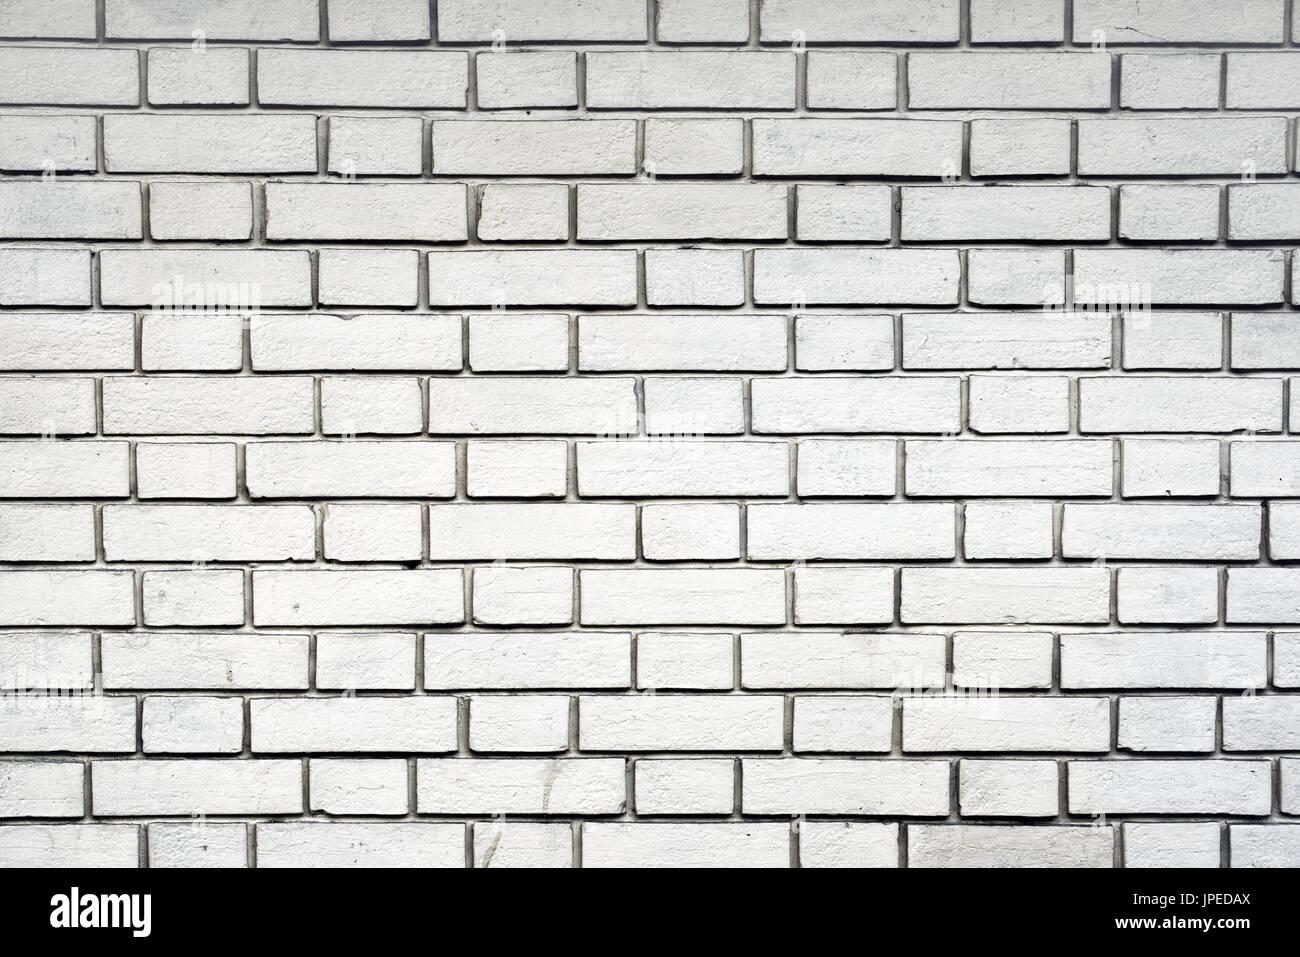 Mattoni Bianchi Per Esterni semplice esterno bianco muro di mattoni texture di